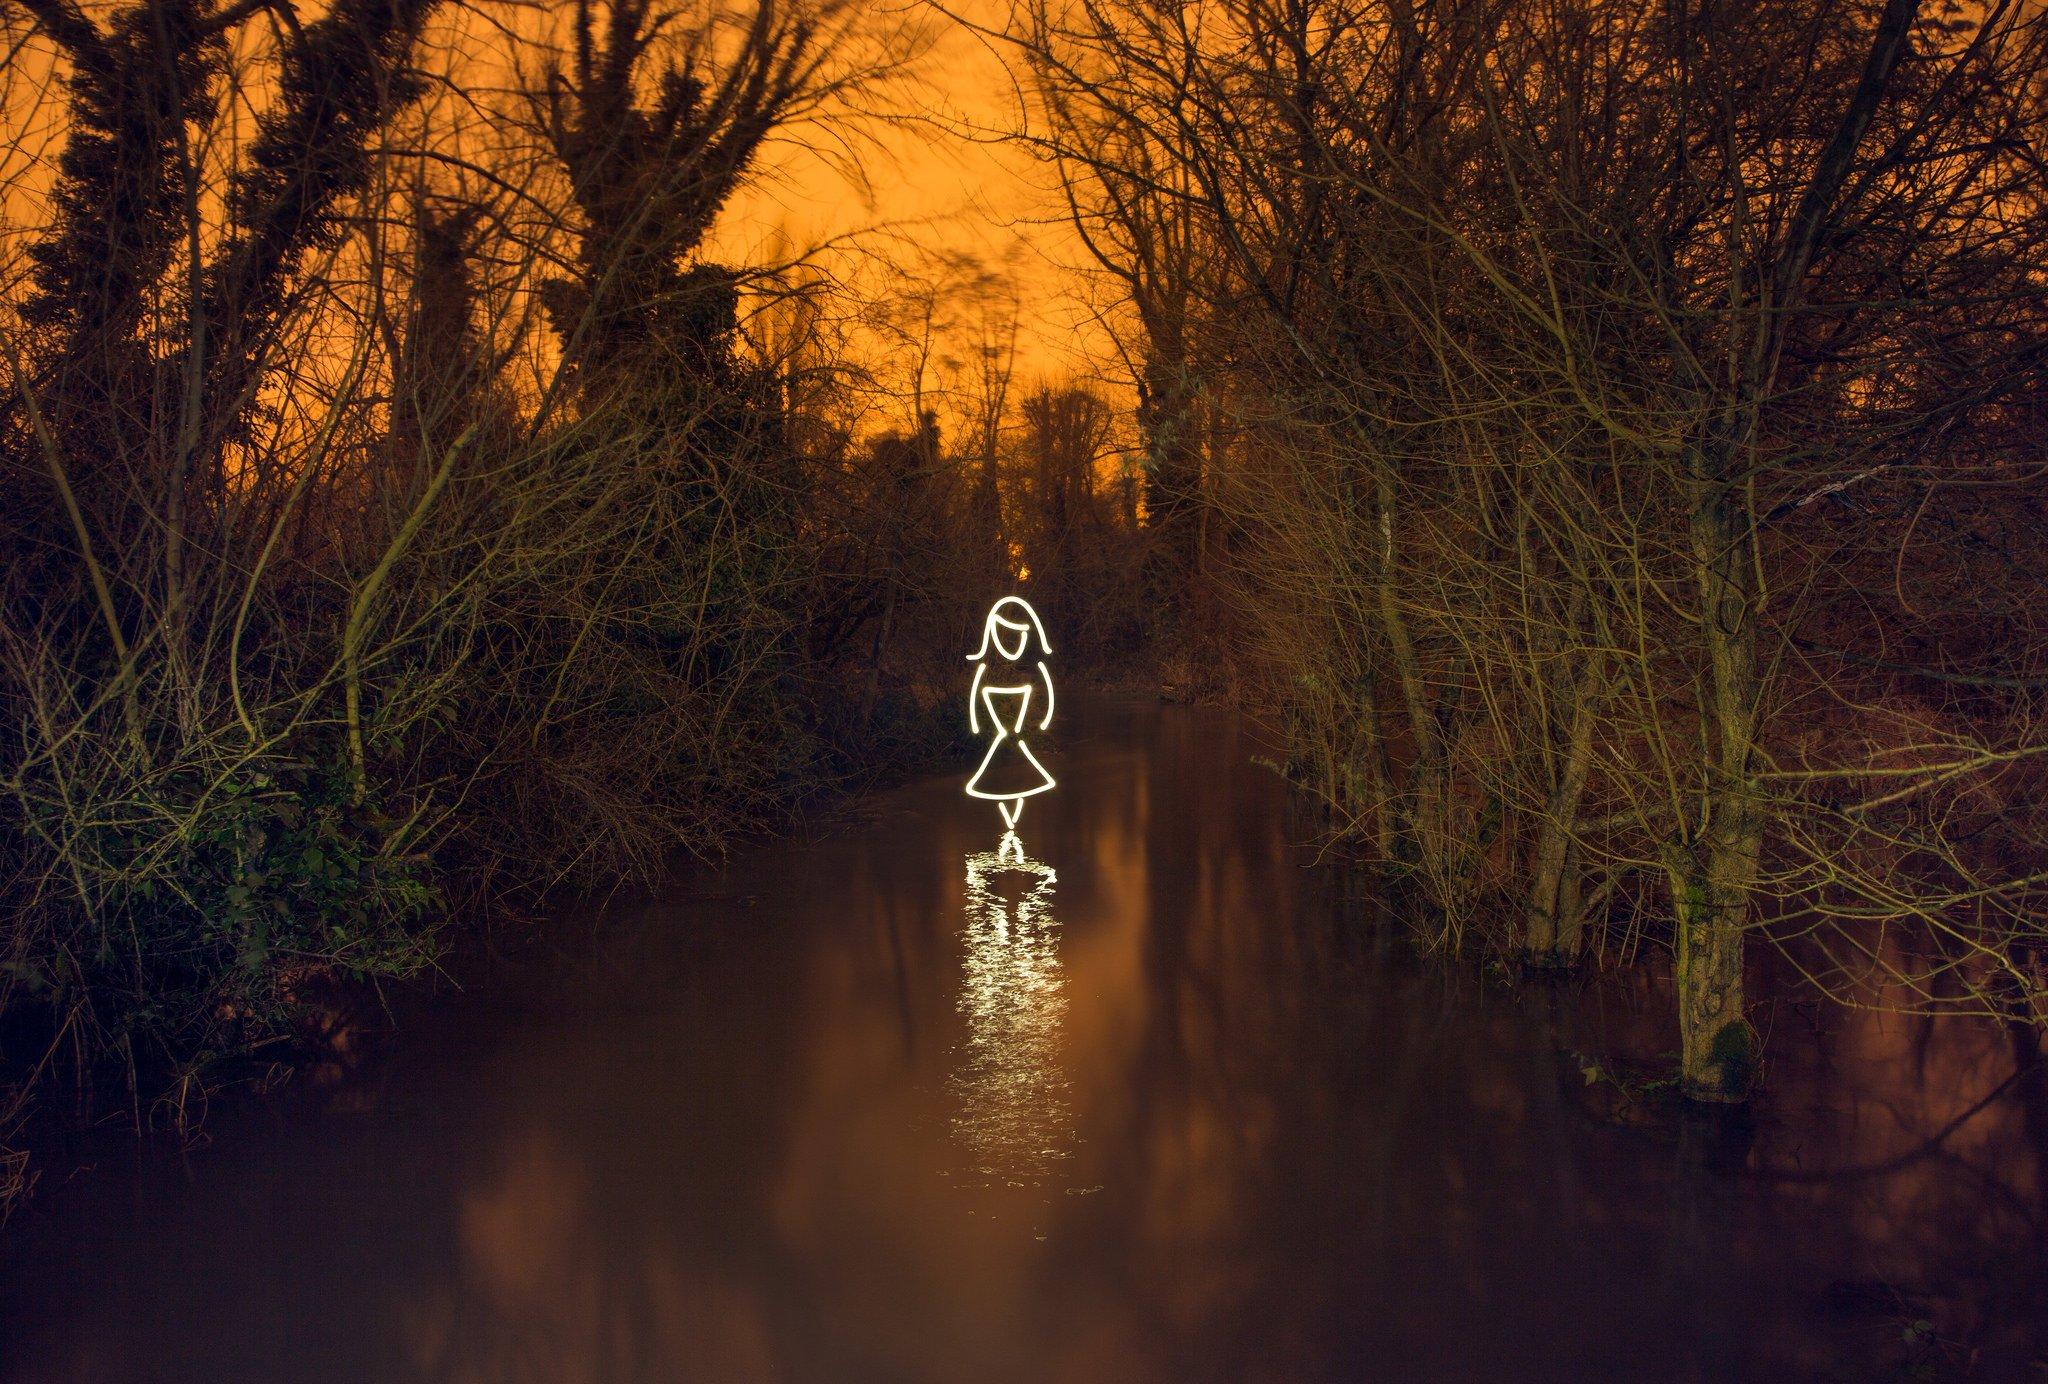 light-painting-flatworldsedge-girl-flooded-forest